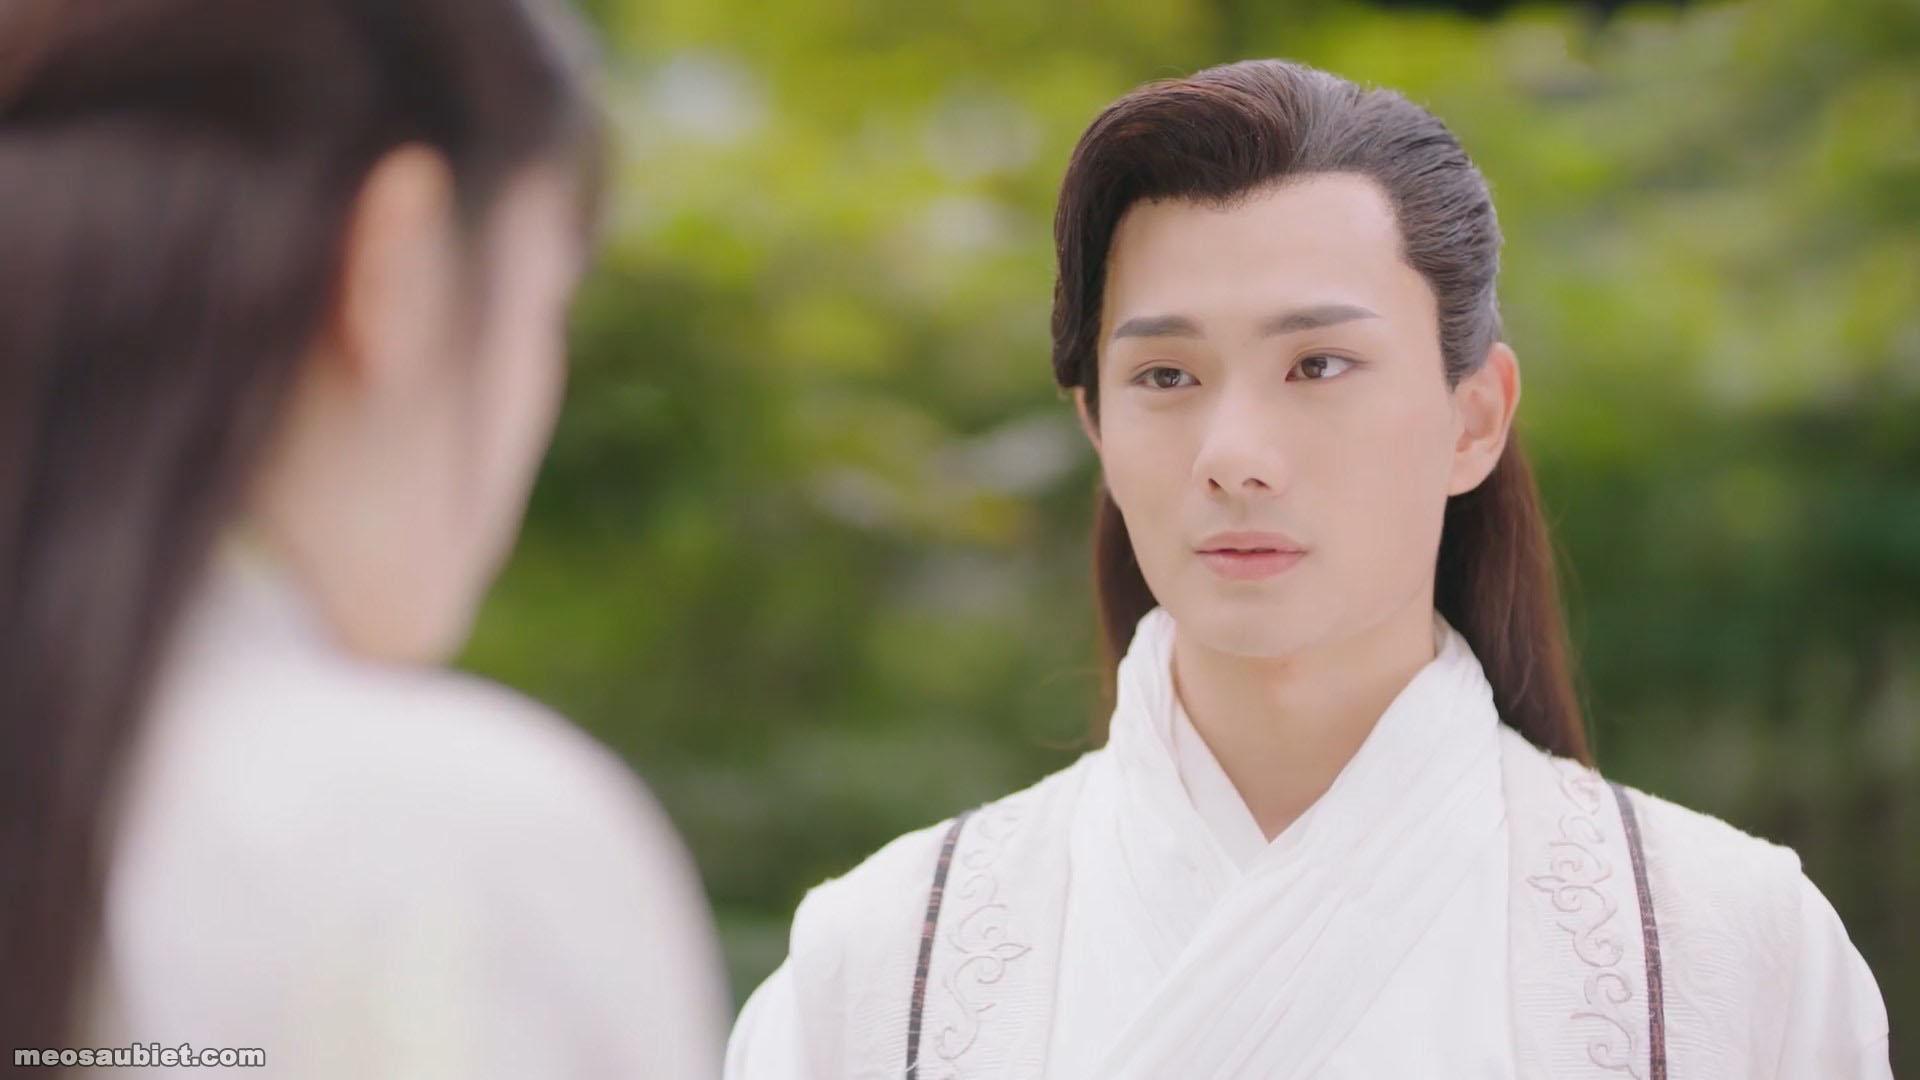 Sủng vật thiếu tướng quân của ta 2021 Tôn Hi Chi trong vai Mạc Vũ Tịch